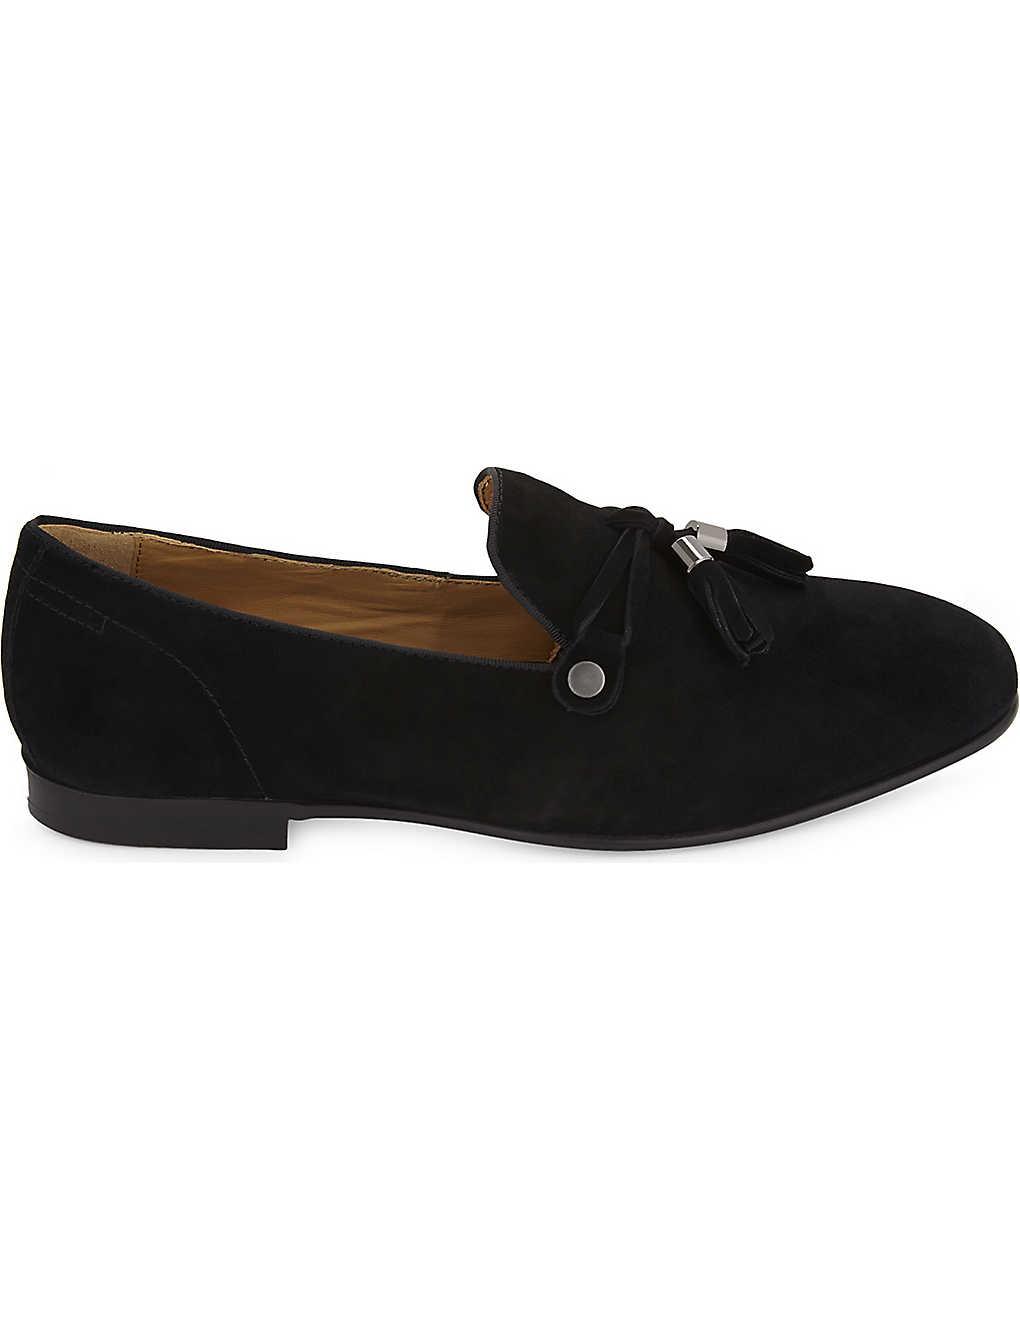 2463782230ecb ALDO - Mccrery suede loafers | Selfridges.com